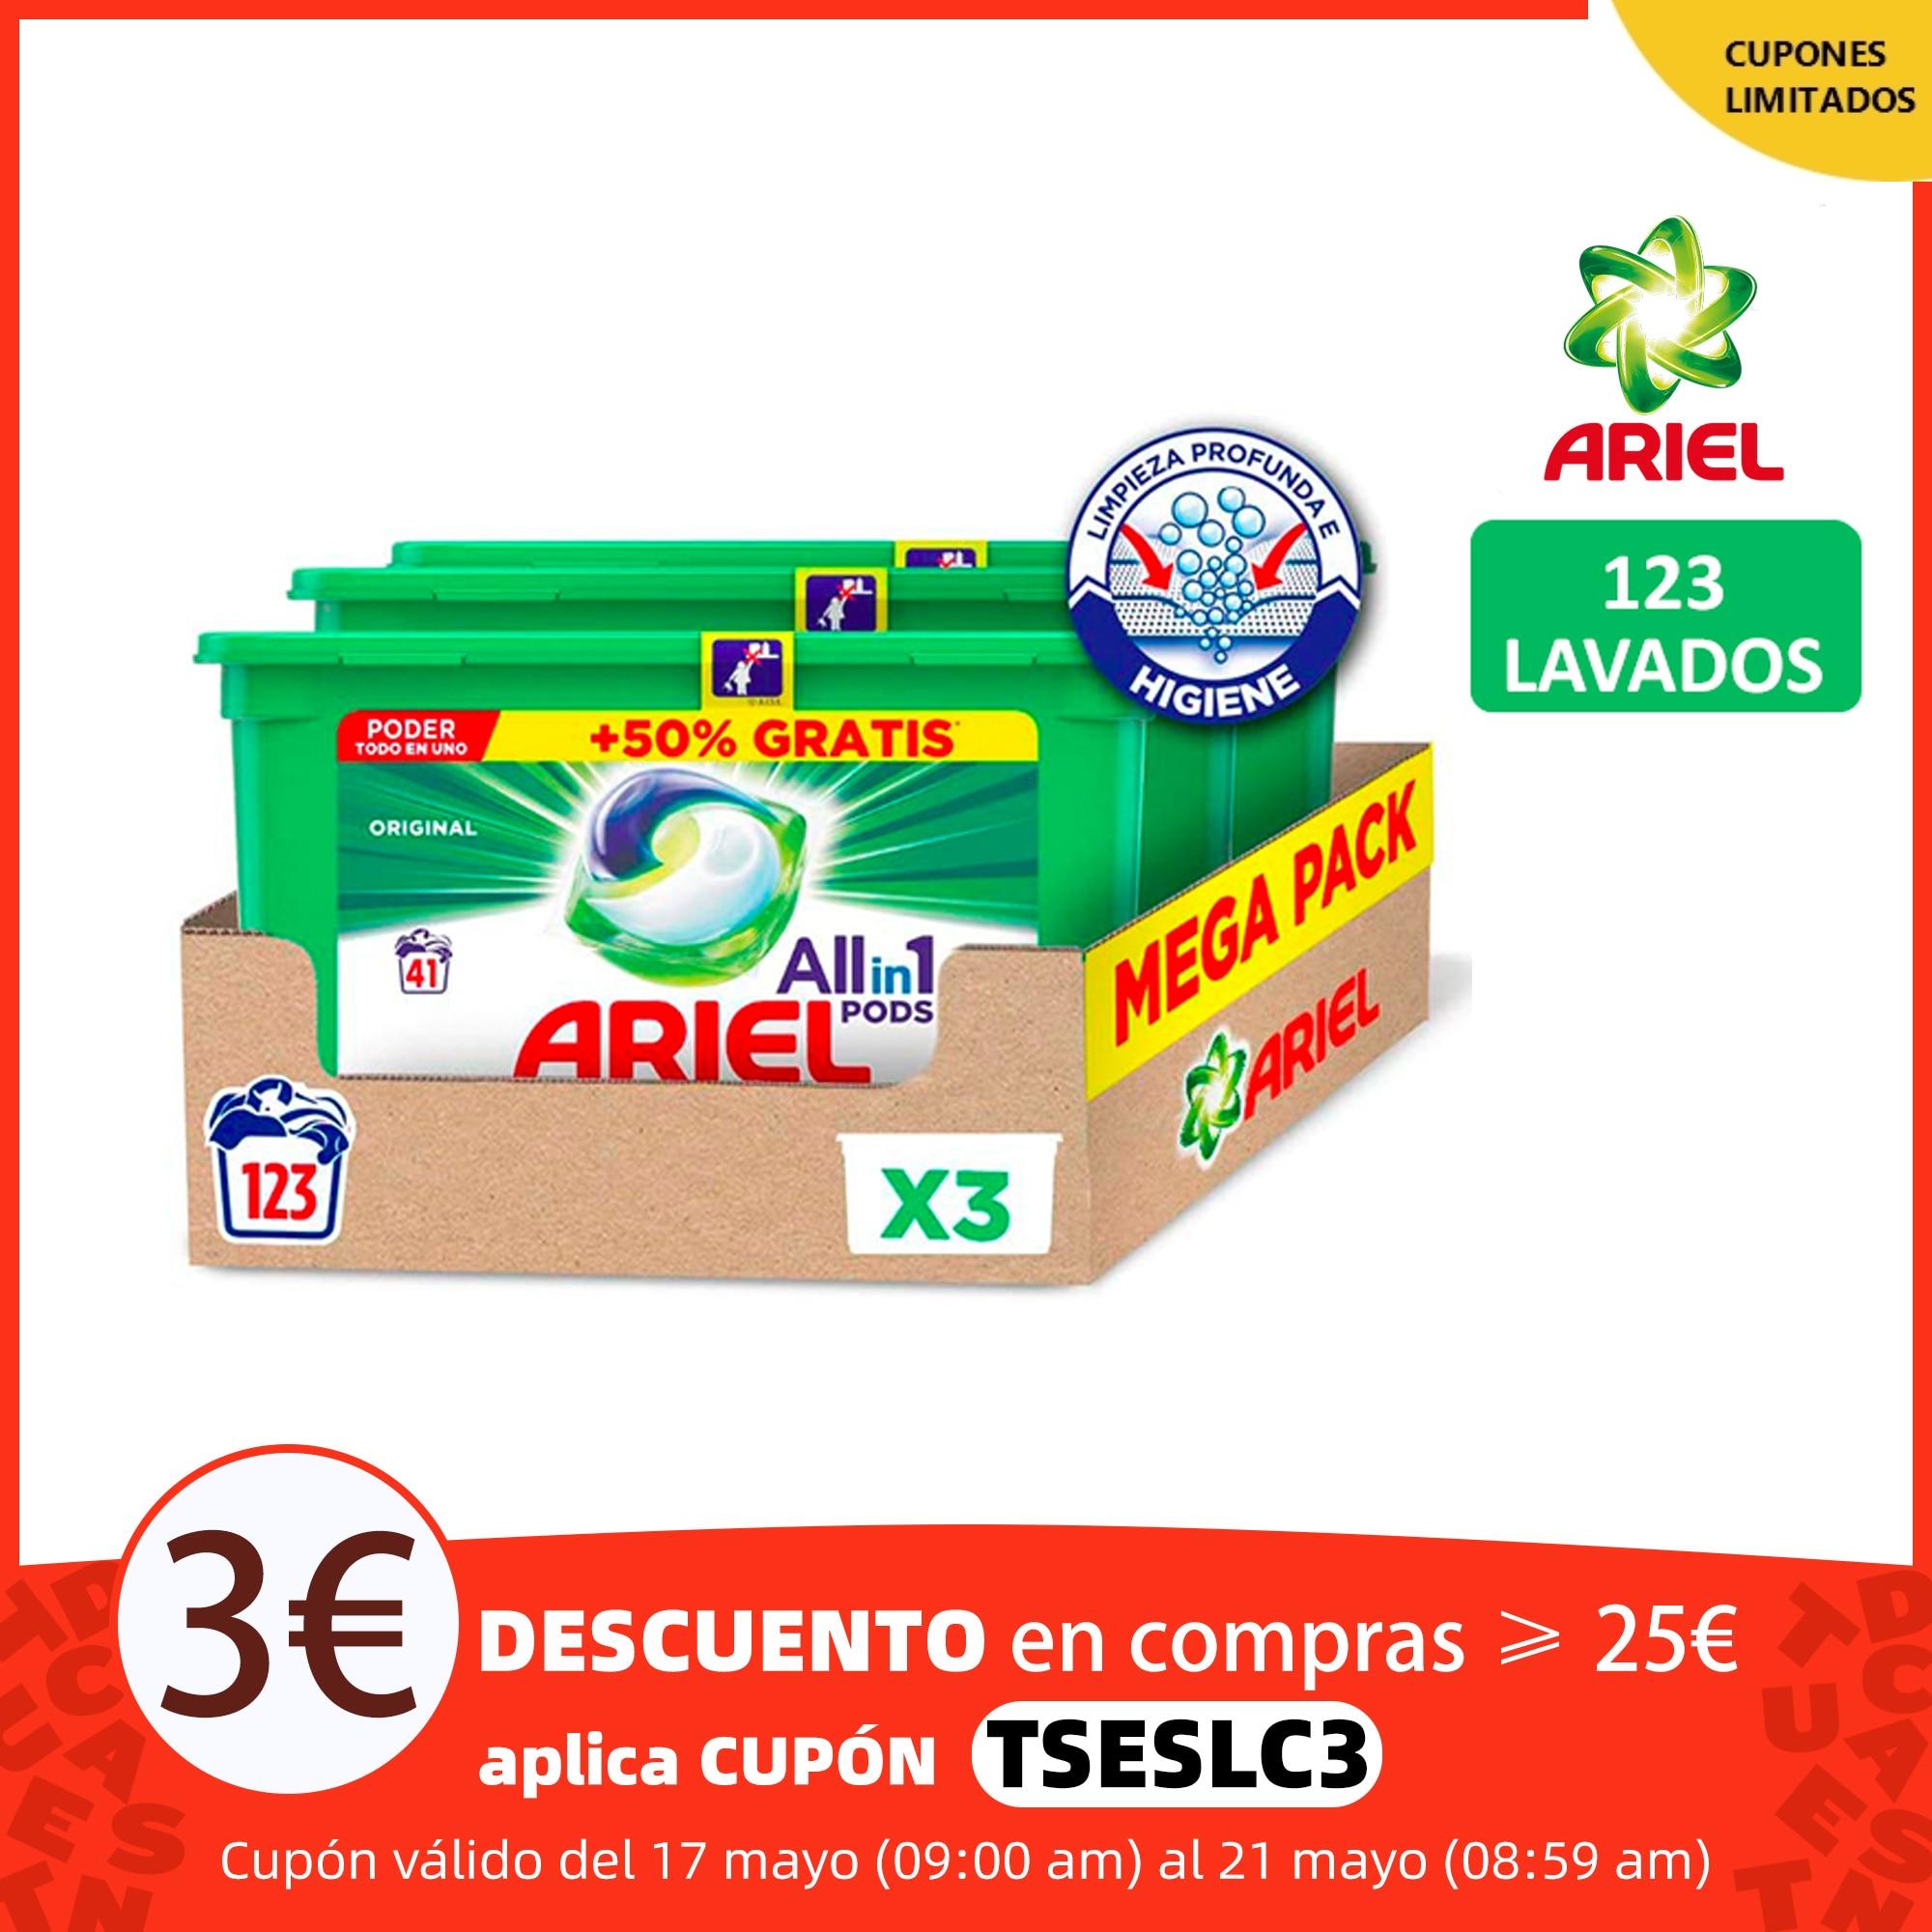 Ariel Allin1 Pods Original, 123 Lavados, Detergente Para la Ropa, 3 Paquetes de 41 Cápsulas,Poder De Limpieza y Perfume Duradero|Detergente para ropa| - AliExpress